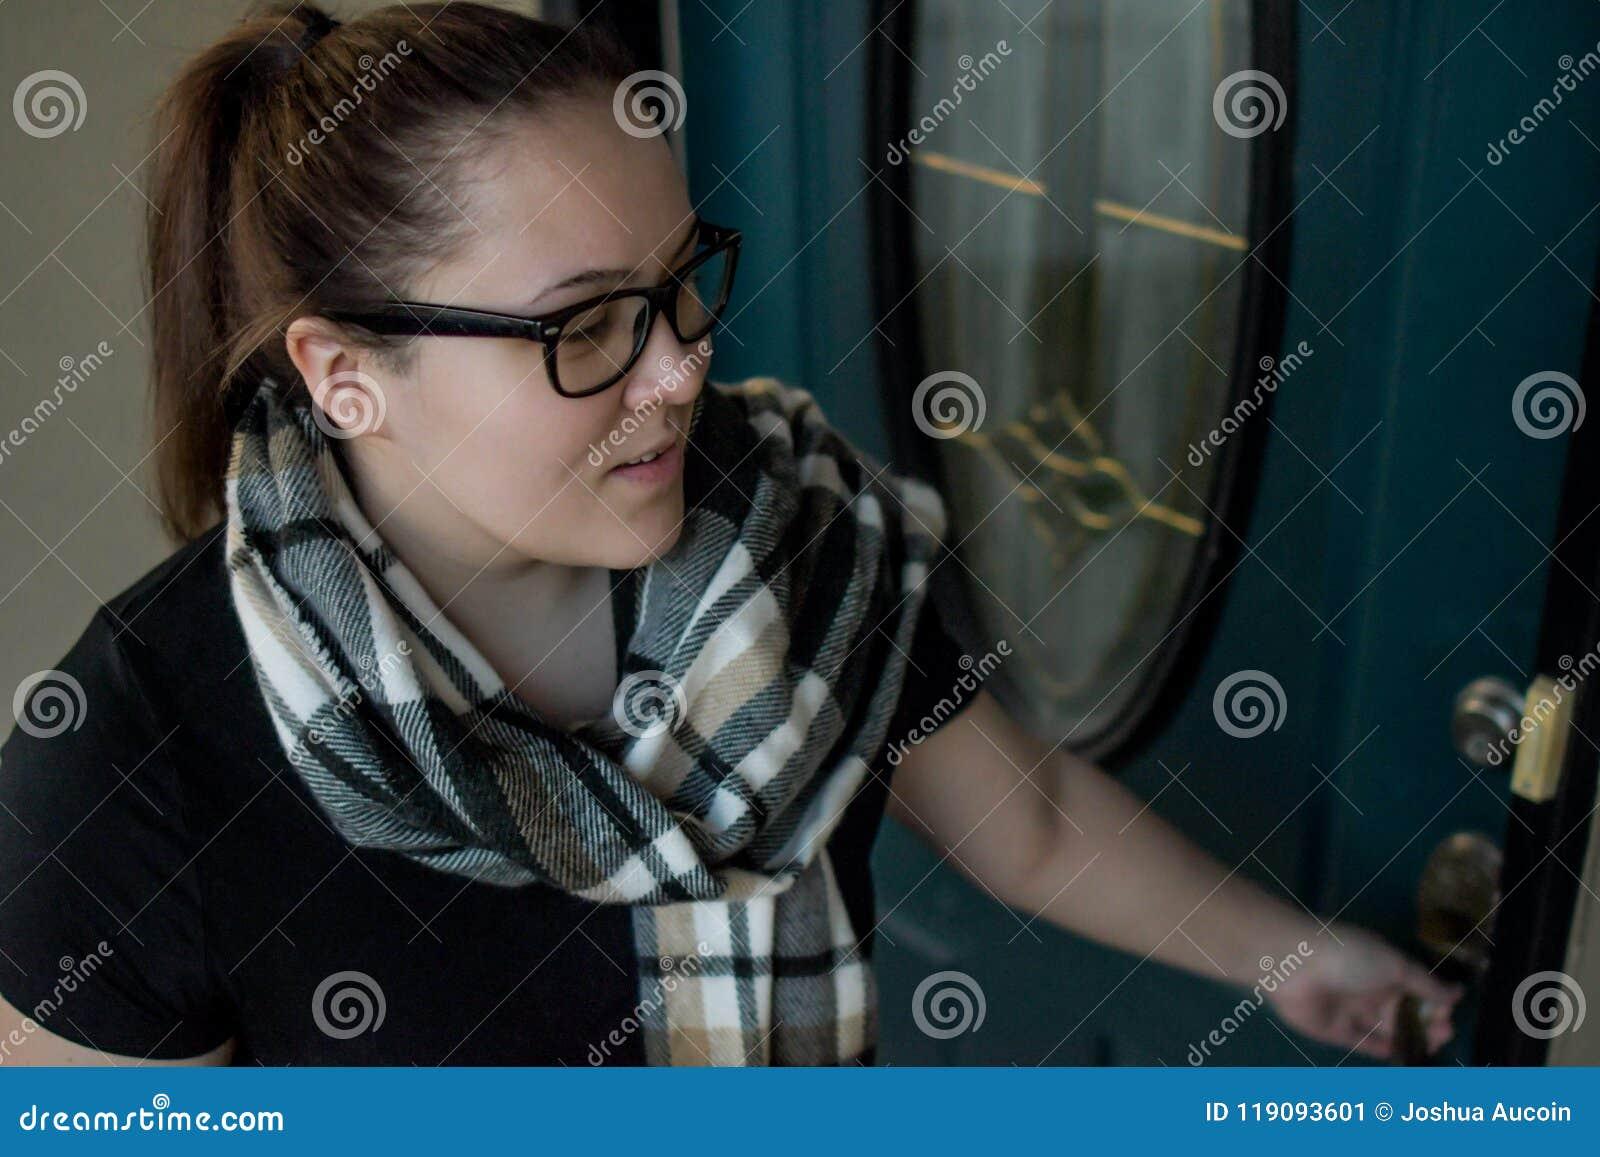 Una donna chiude la sua entrata principale a chiave mentre va via di casa con una borsa di tela oltre un braccio